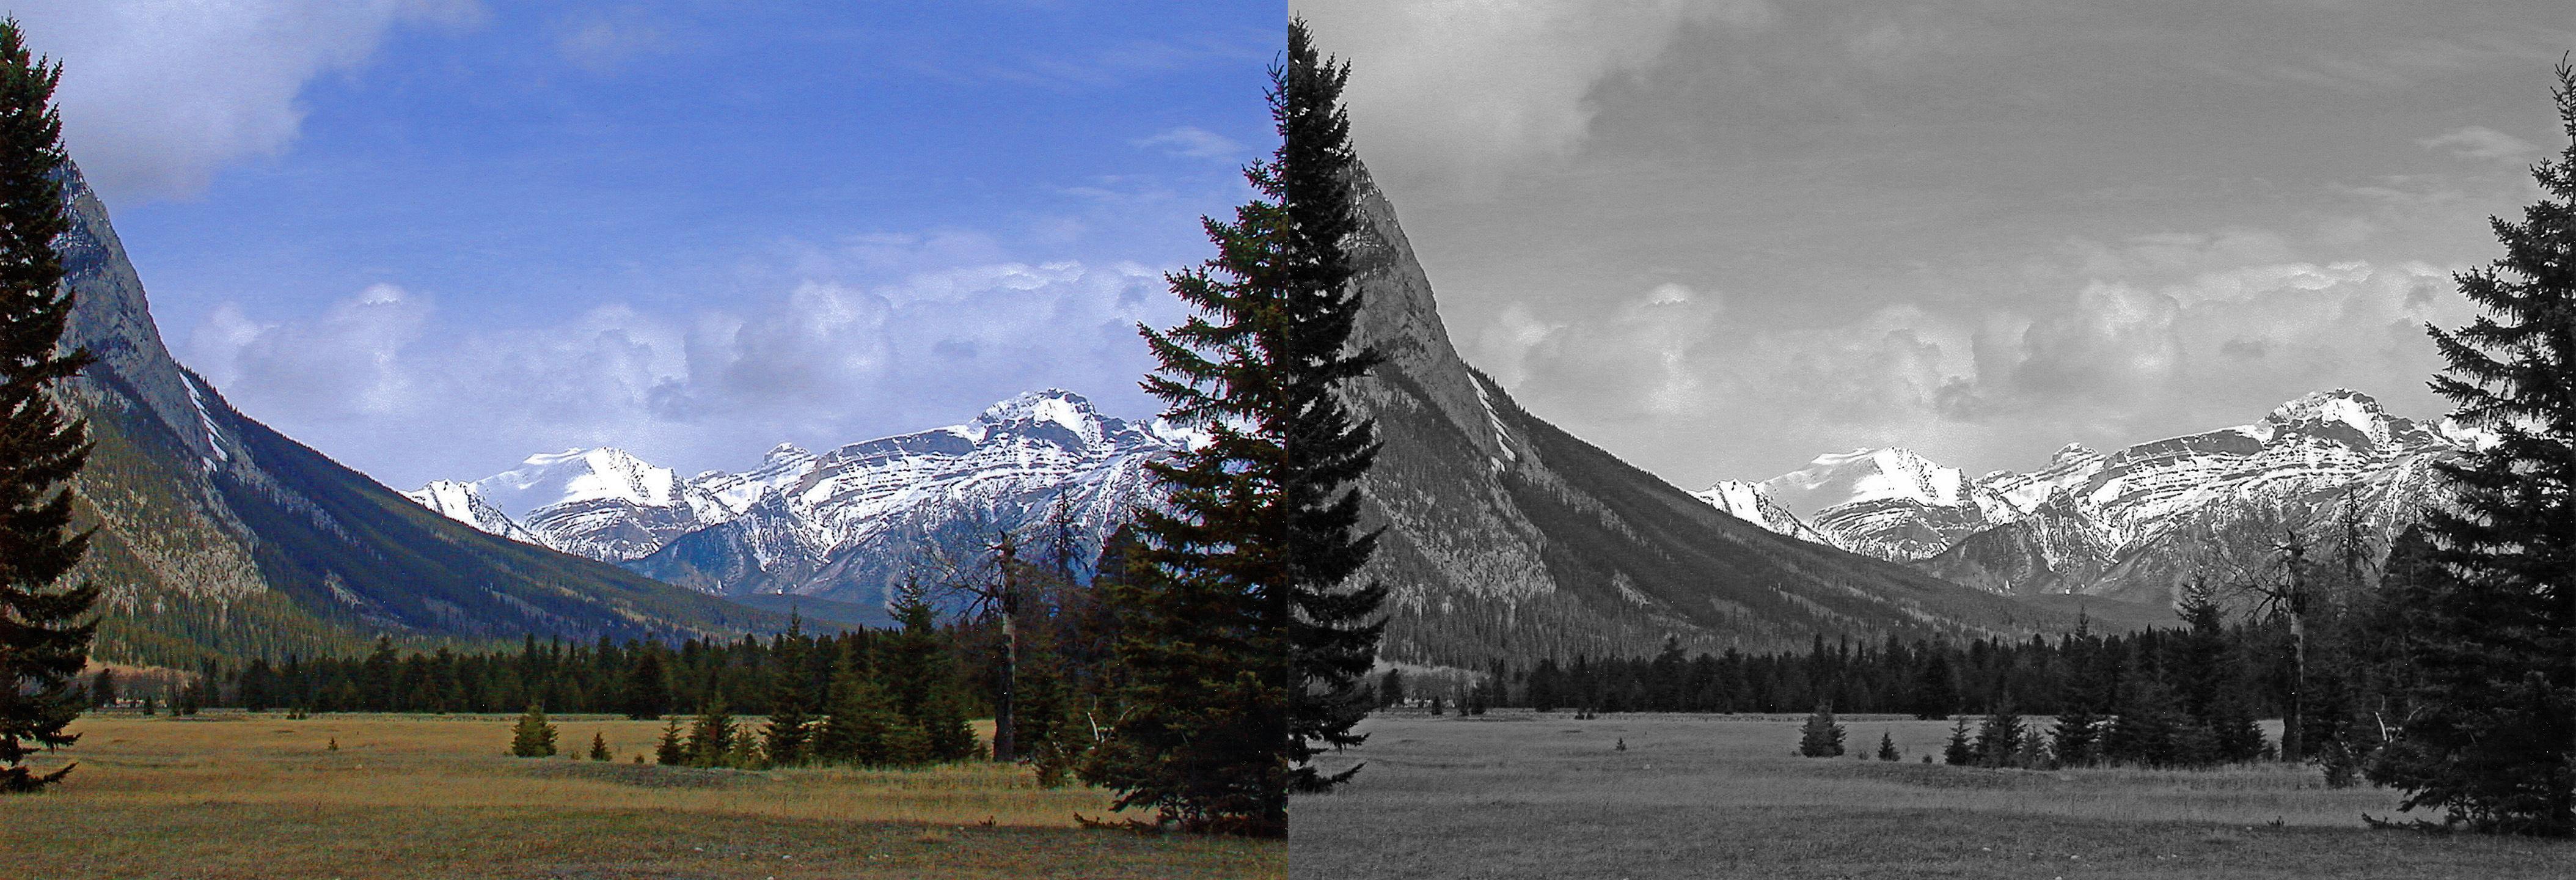 Banff Mountain View 1p.jpg